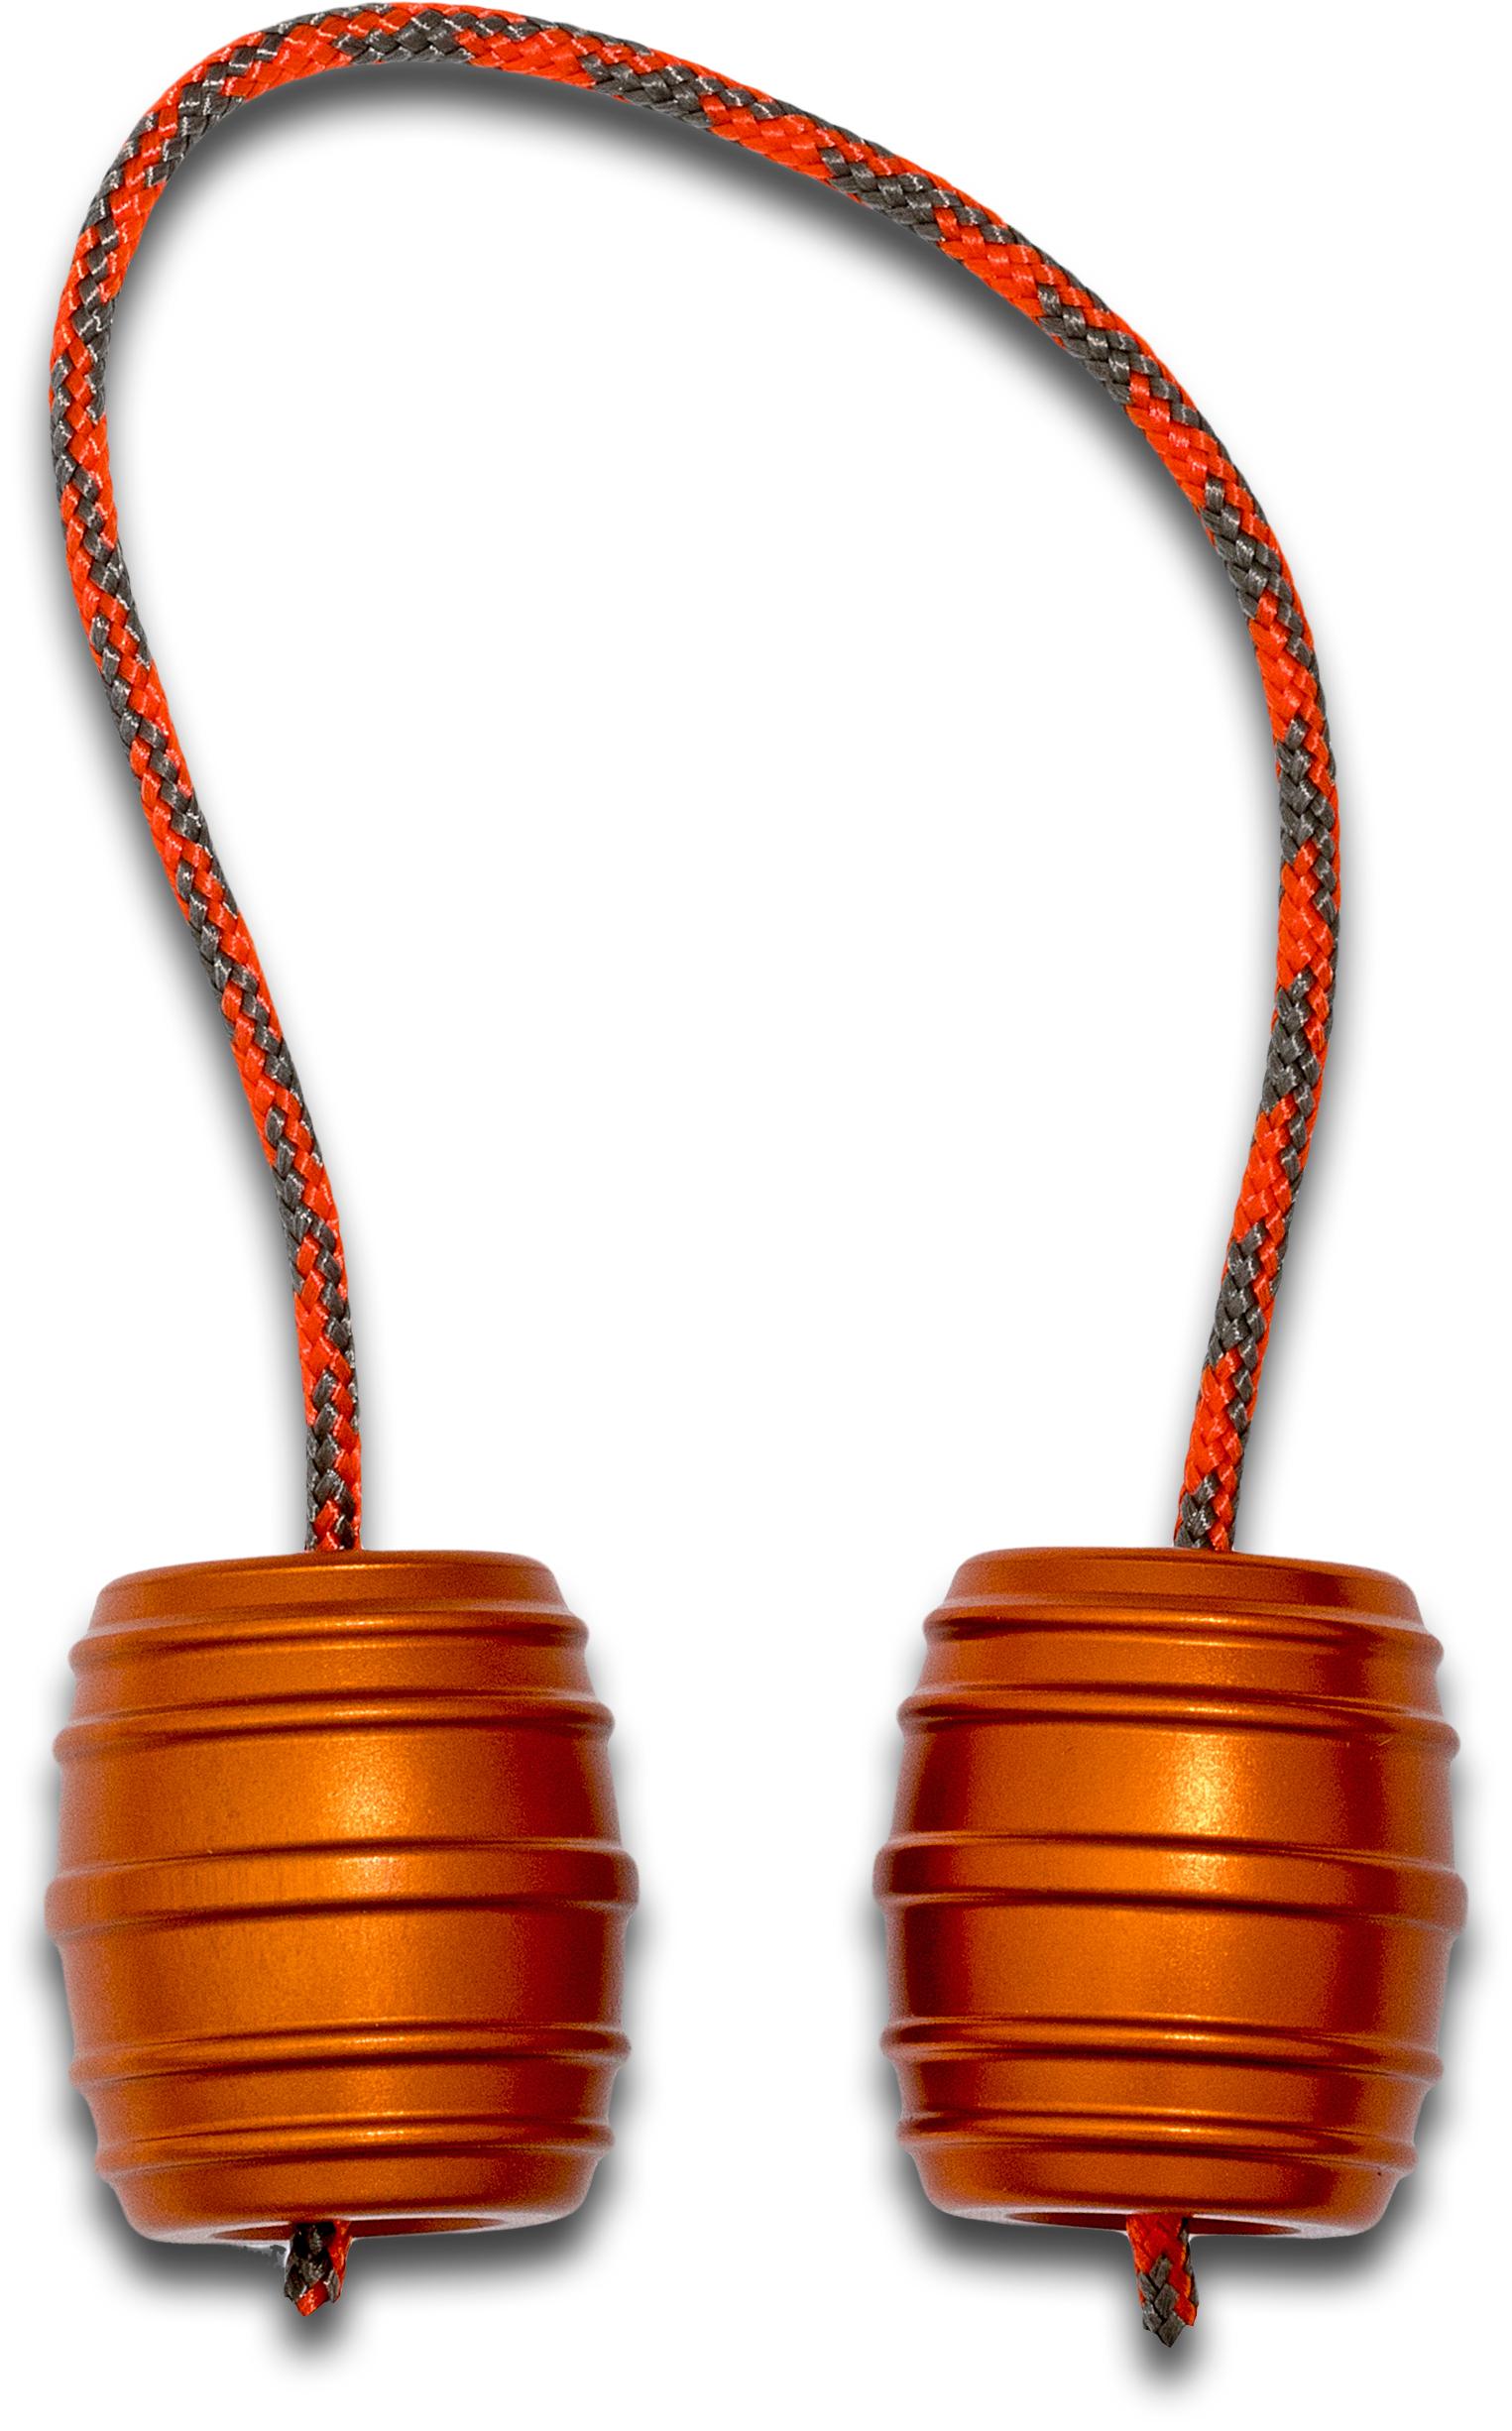 Monkey Fist Begleri KnifeCenter Exclusive Orange Aluminum Monkey Barrels Begleri